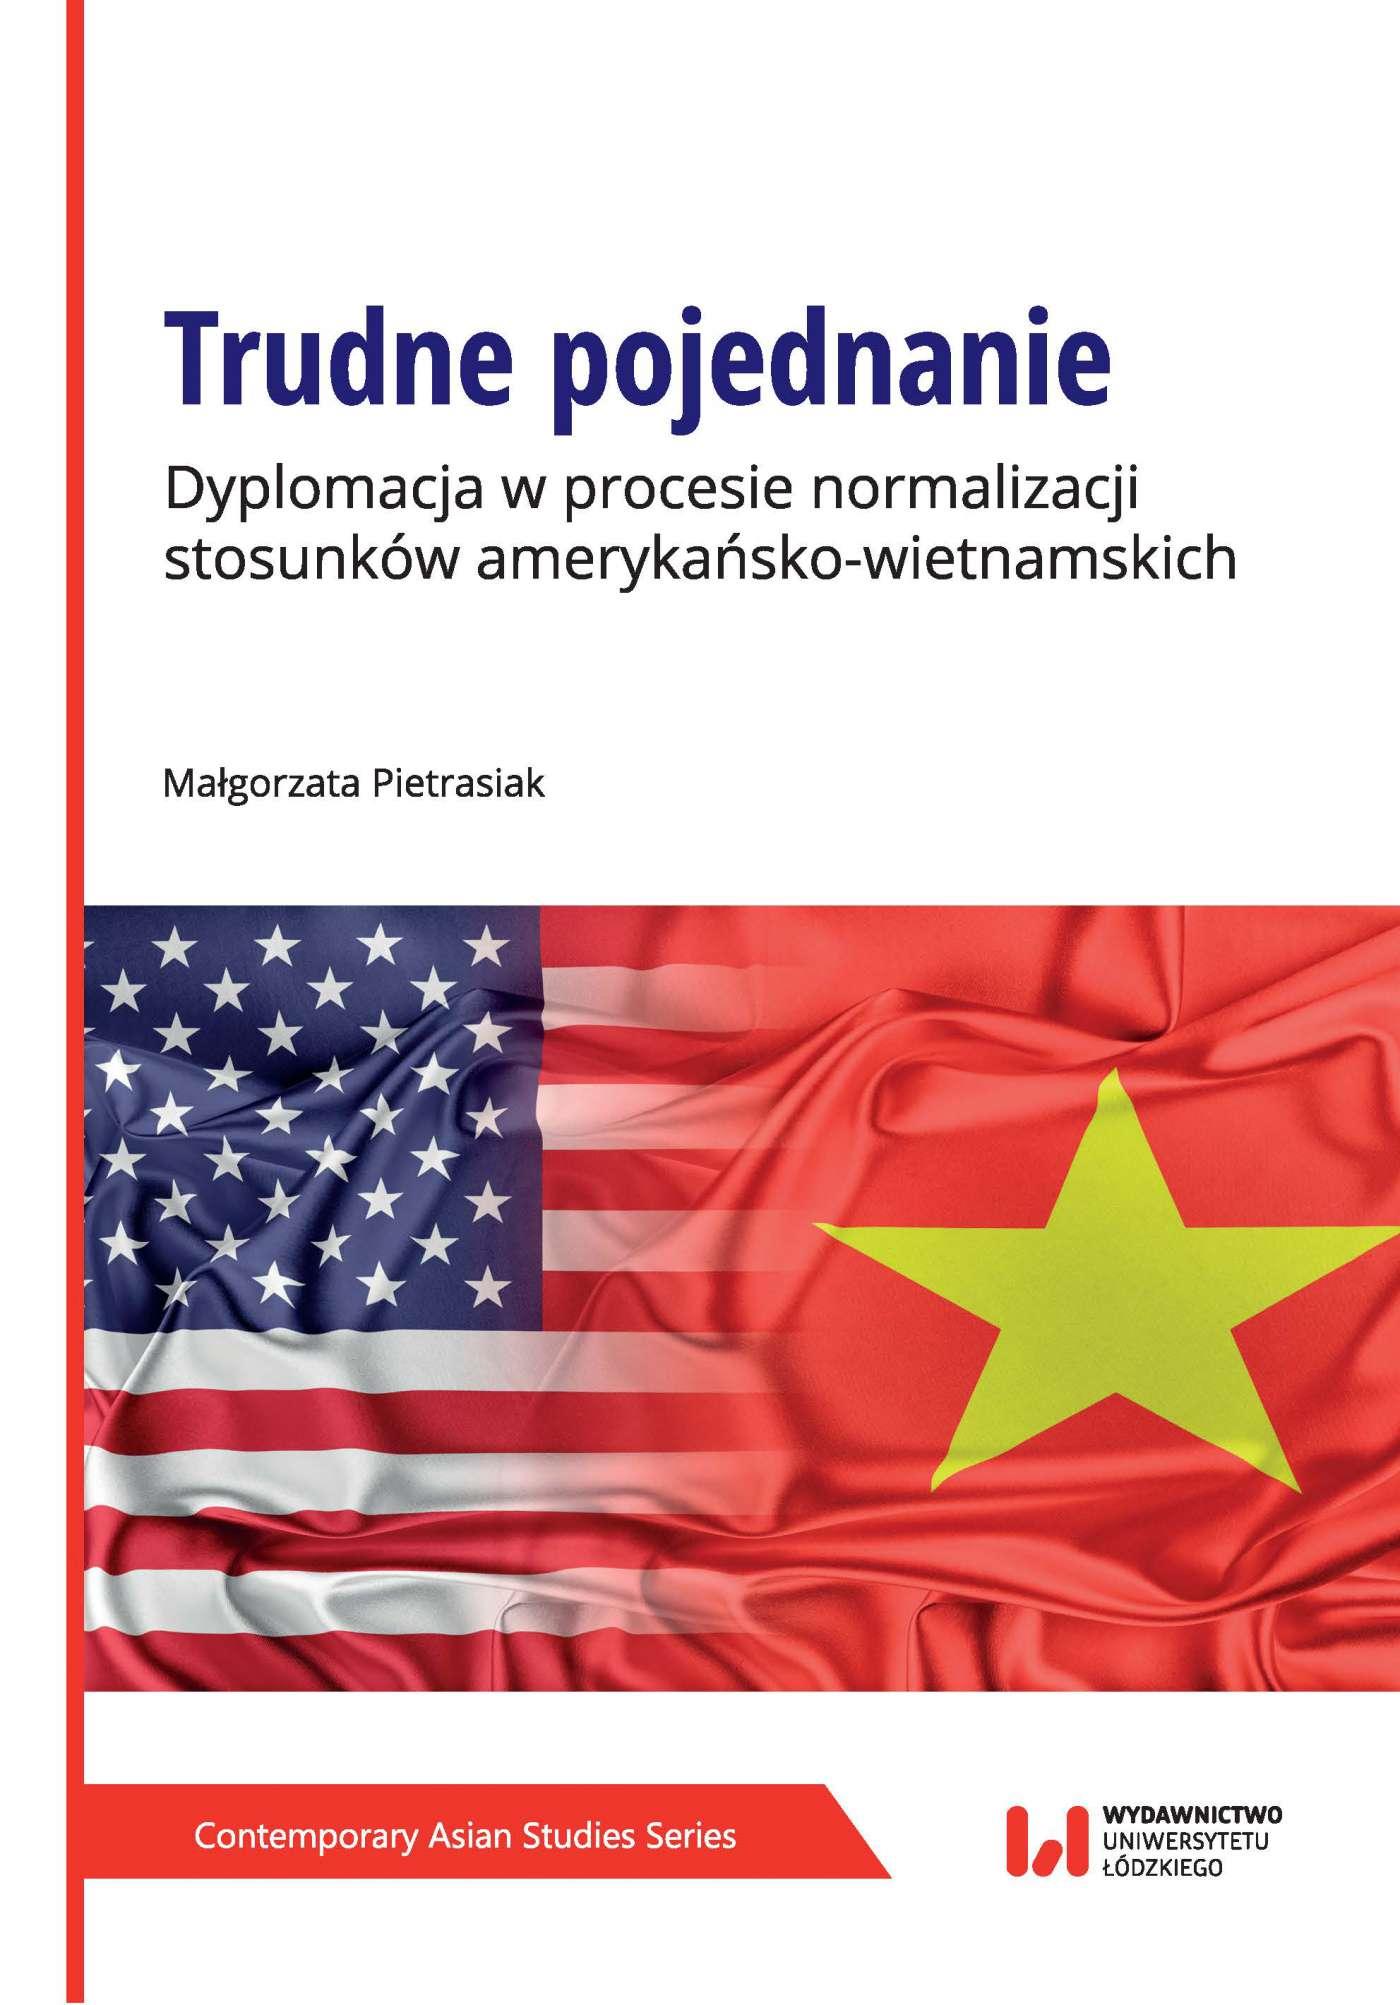 Trudne pojednanie. Dyplomacja w procesie normalizacji stosunków amerykańsko-wietnamskich - Ebook (Książka PDF) do pobrania w formacie PDF